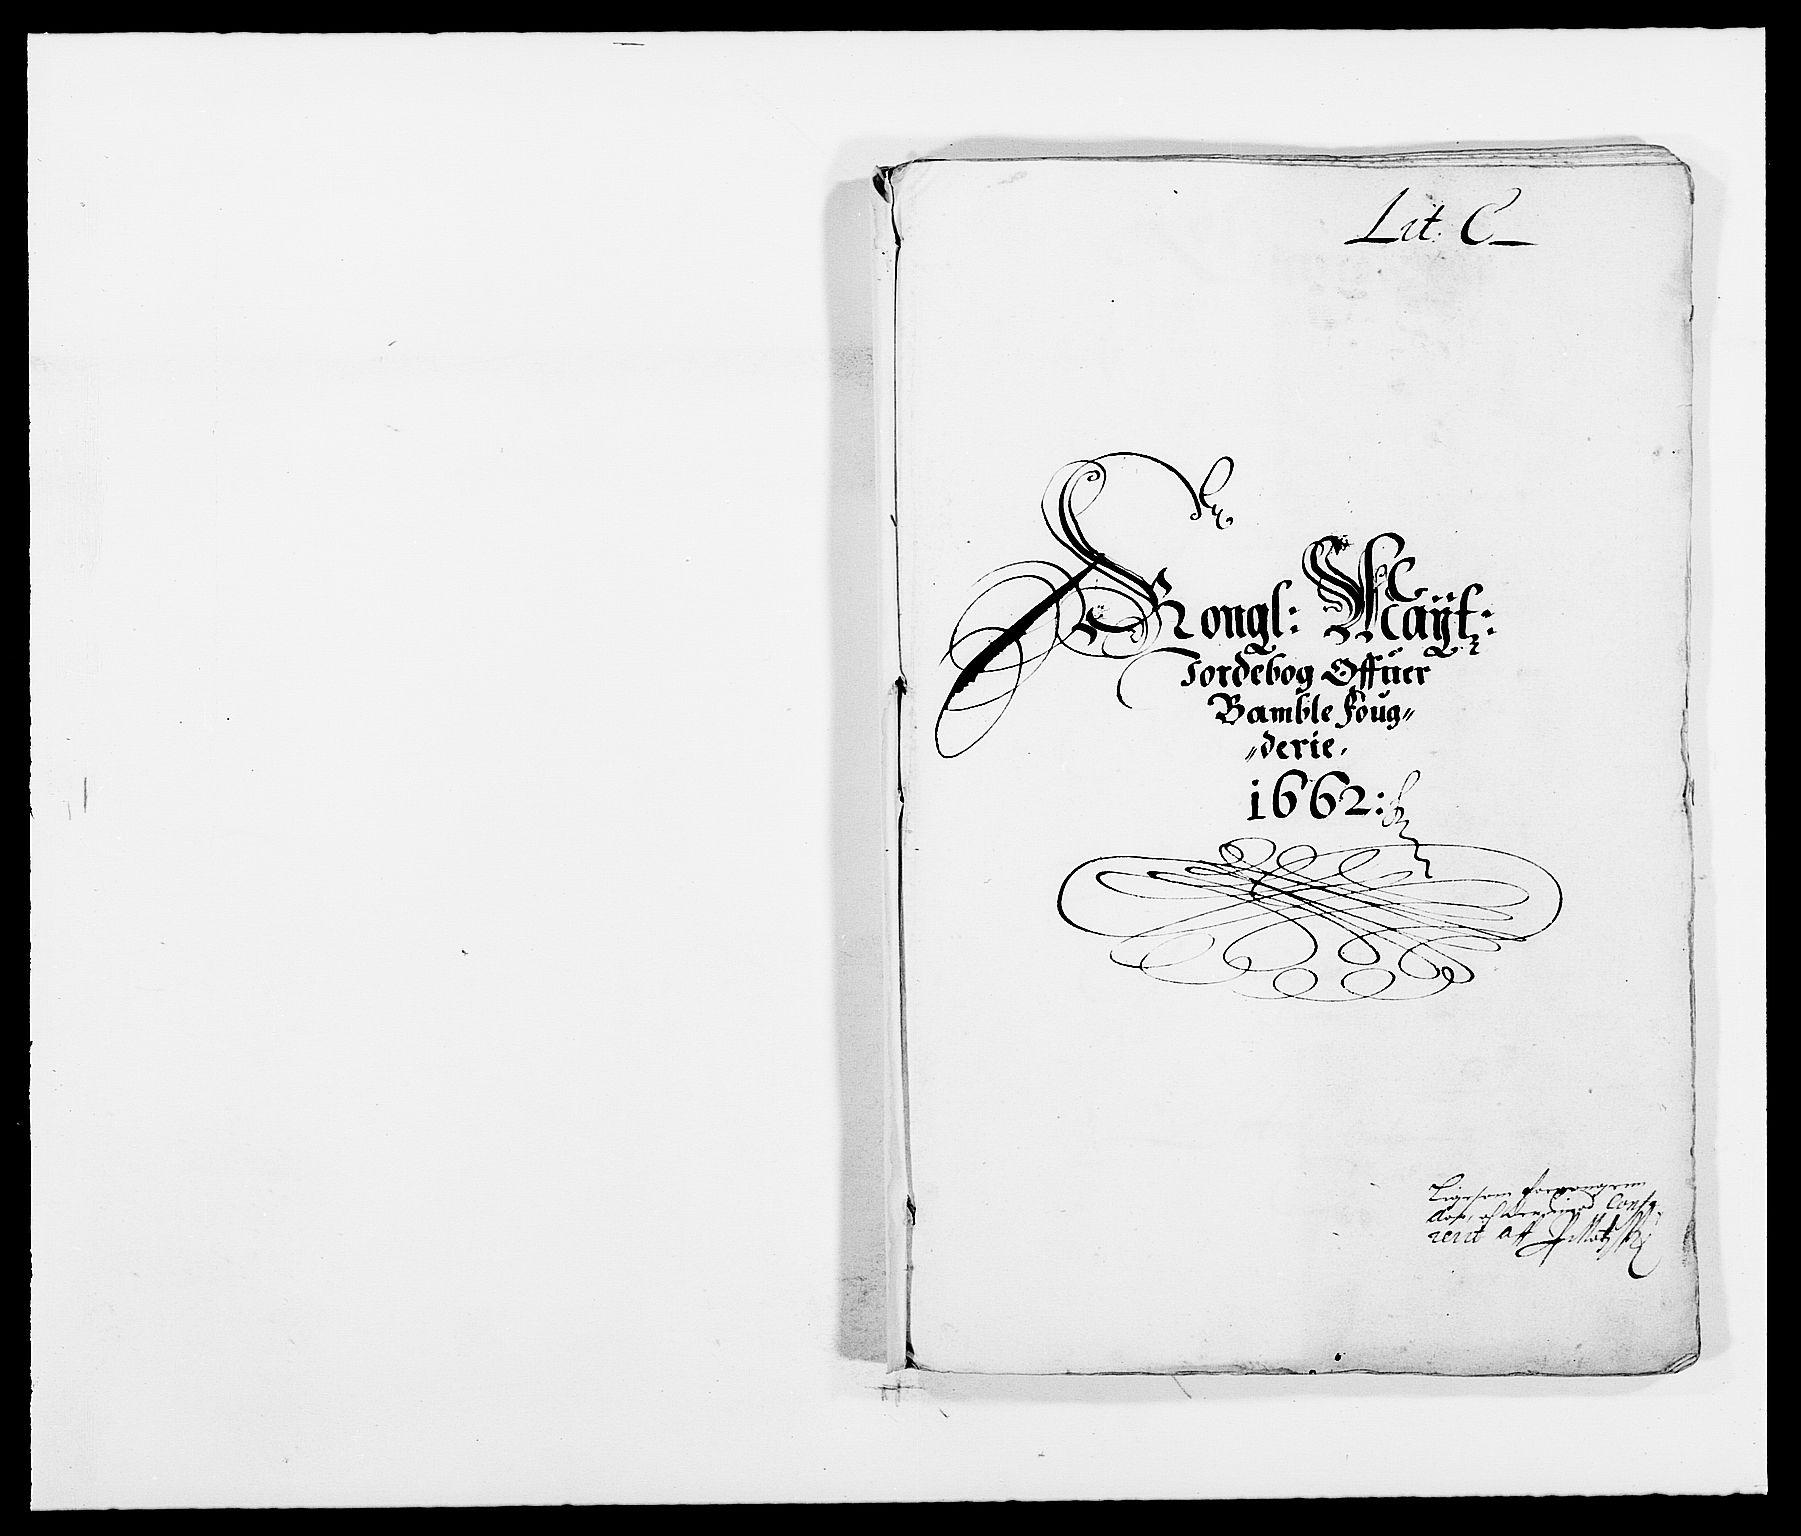 RA, Rentekammeret inntil 1814, Reviderte regnskaper, Fogderegnskap, R34/L2037: Fogderegnskap Bamble, 1662-1669, s. 76